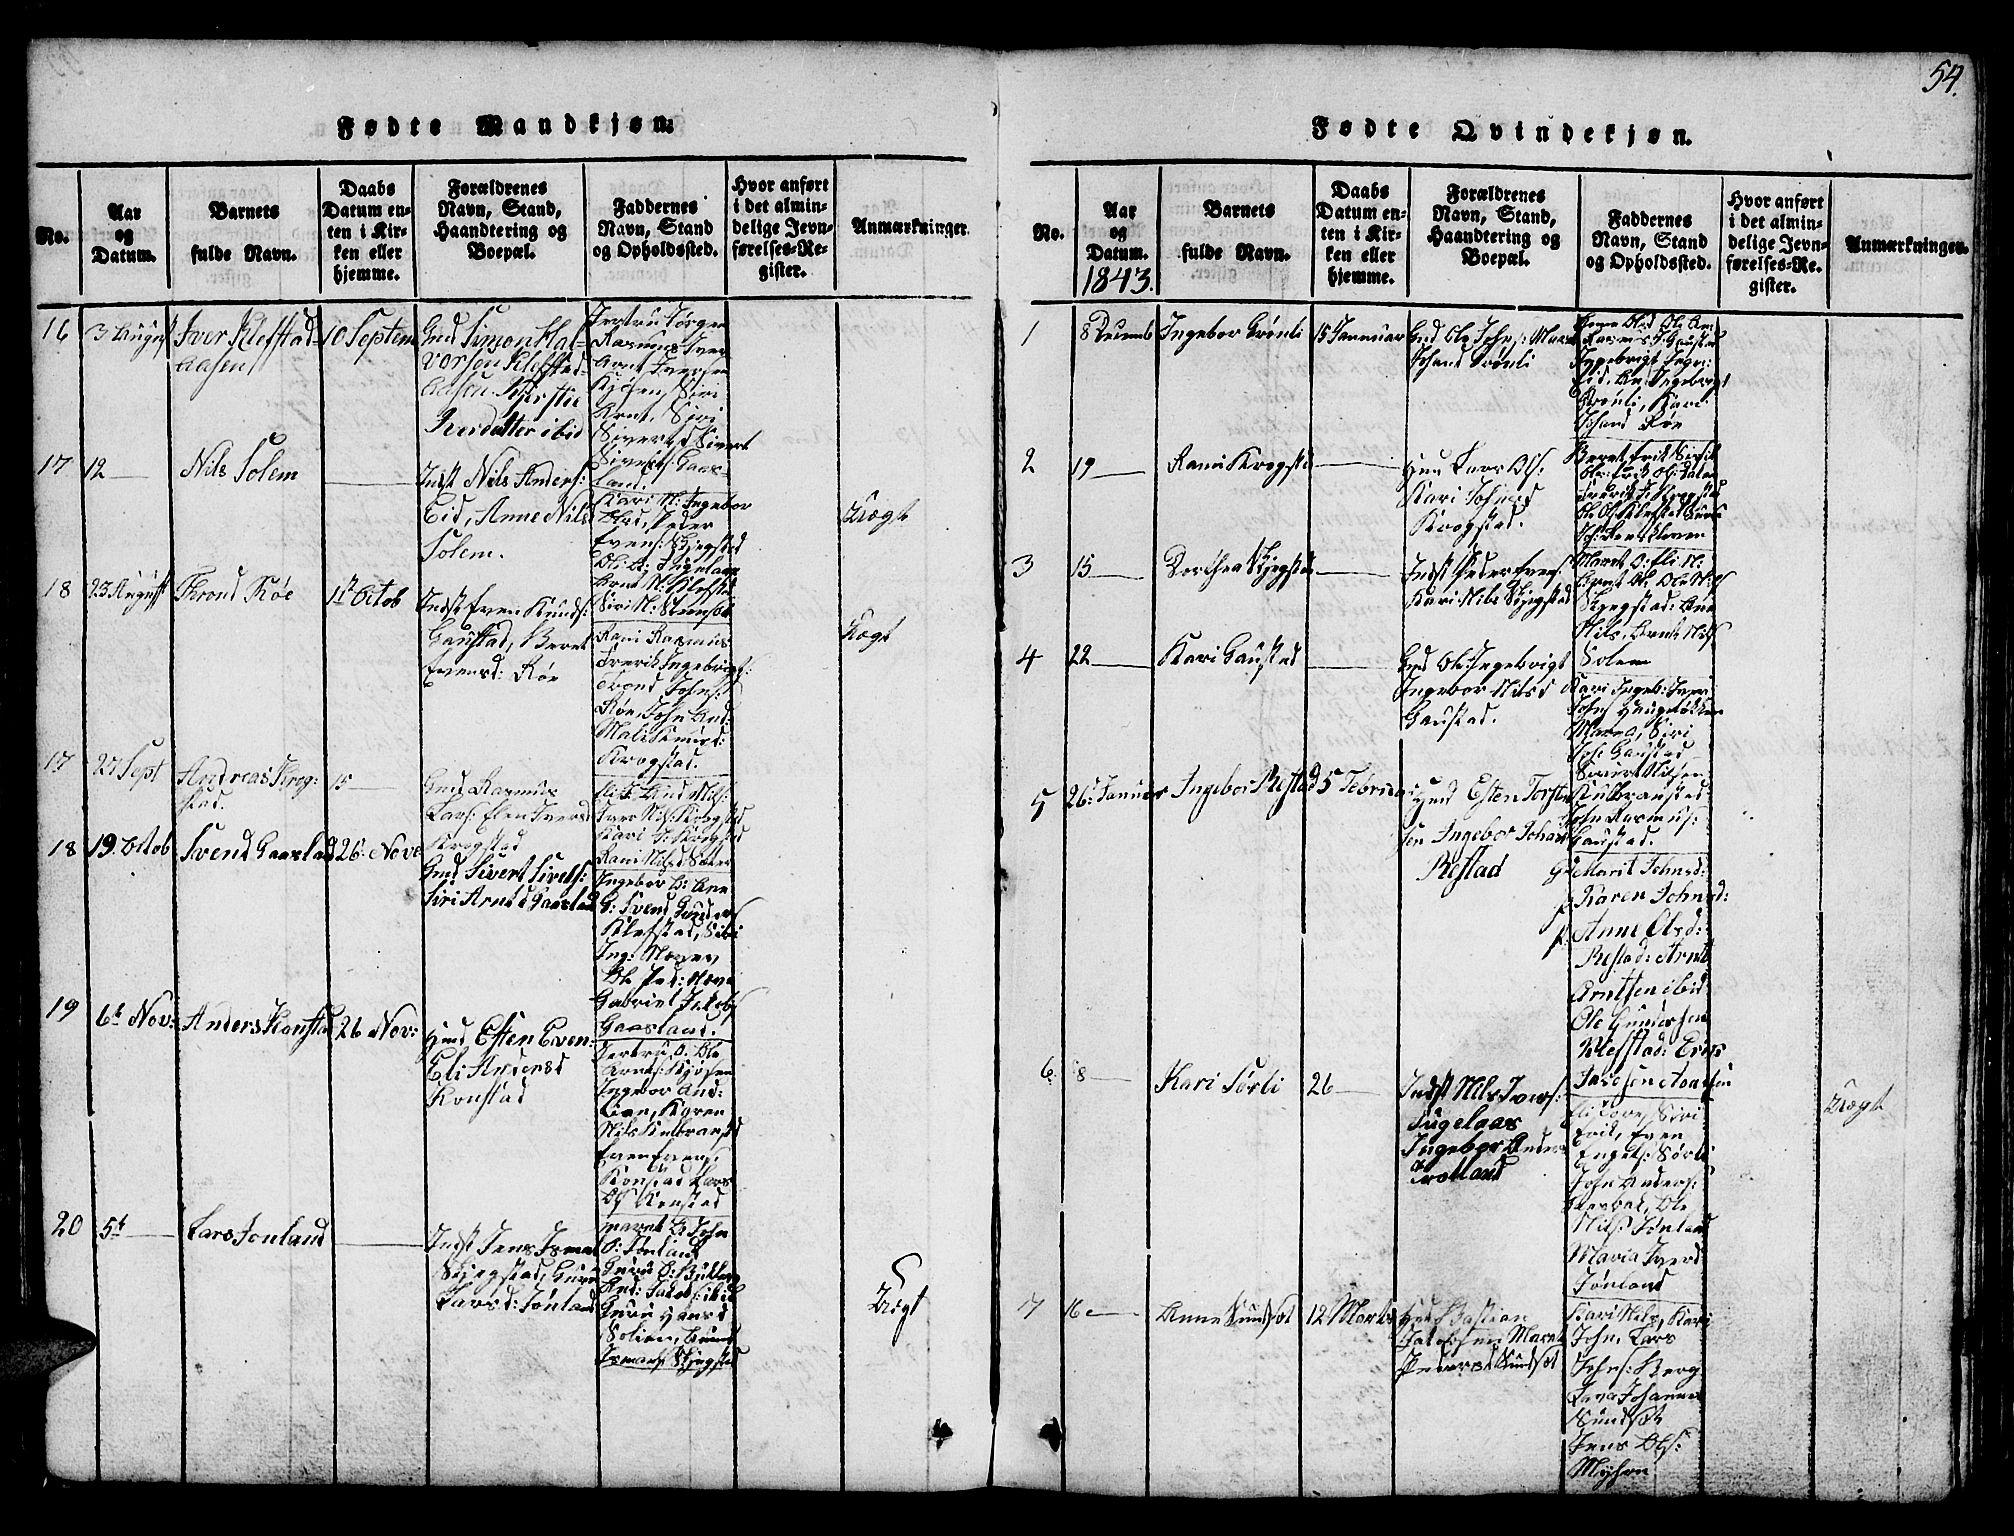 SAT, Ministerialprotokoller, klokkerbøker og fødselsregistre - Sør-Trøndelag, 694/L1130: Klokkerbok nr. 694C02, 1816-1857, s. 54